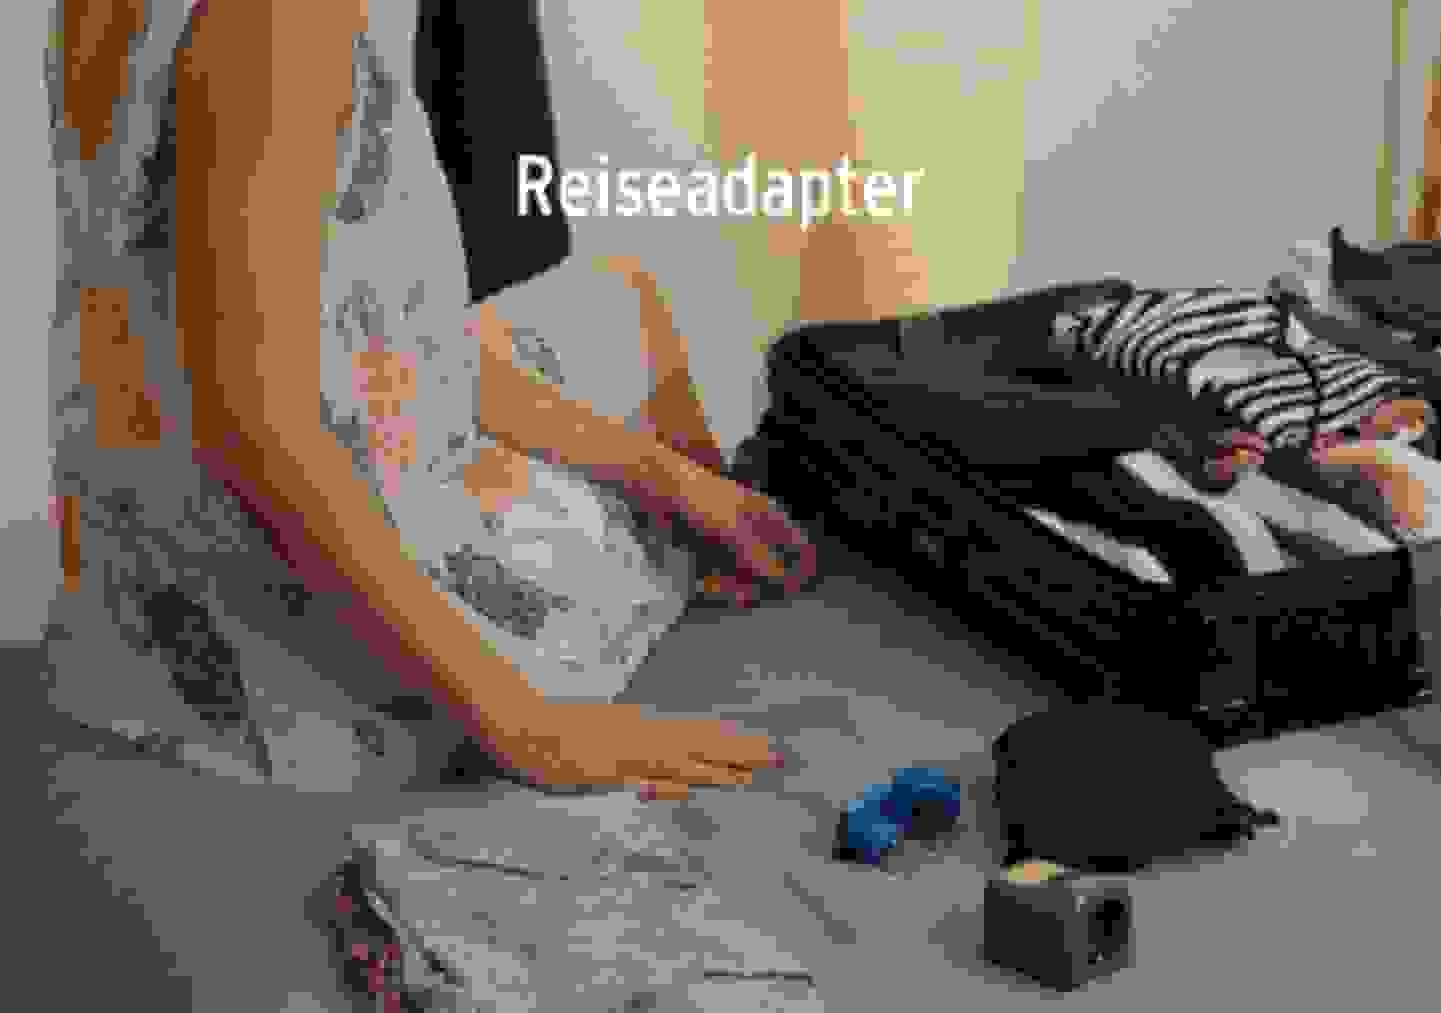 Reiseadapter